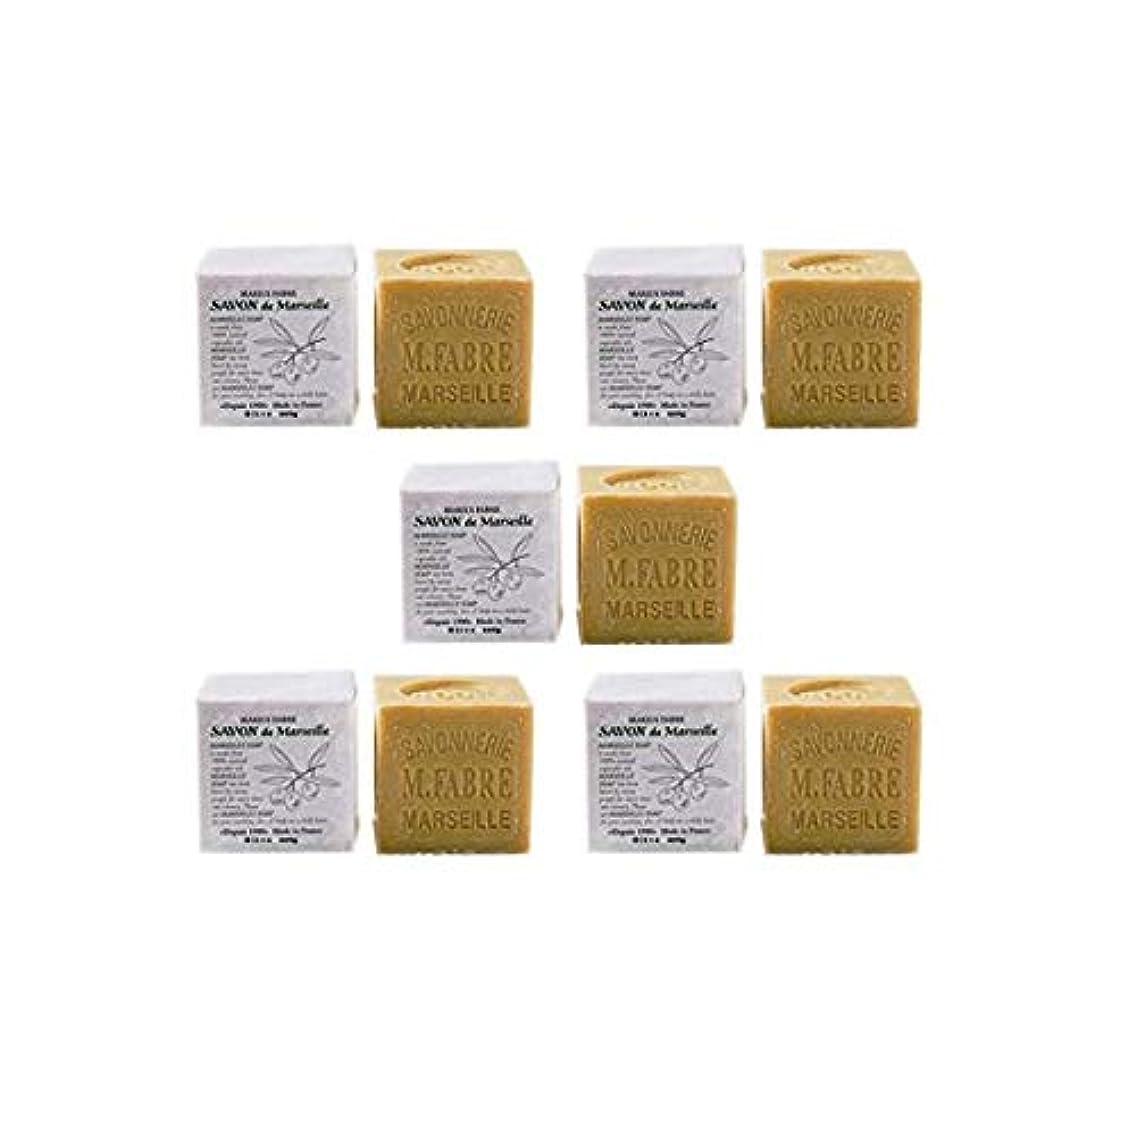 恥ずかしさネズミの中でマリウスファーブルジューン社 サボンドマルセイユ無香料200gオリーブN 5個セット(200g×5個)無添加オリーブ石鹸